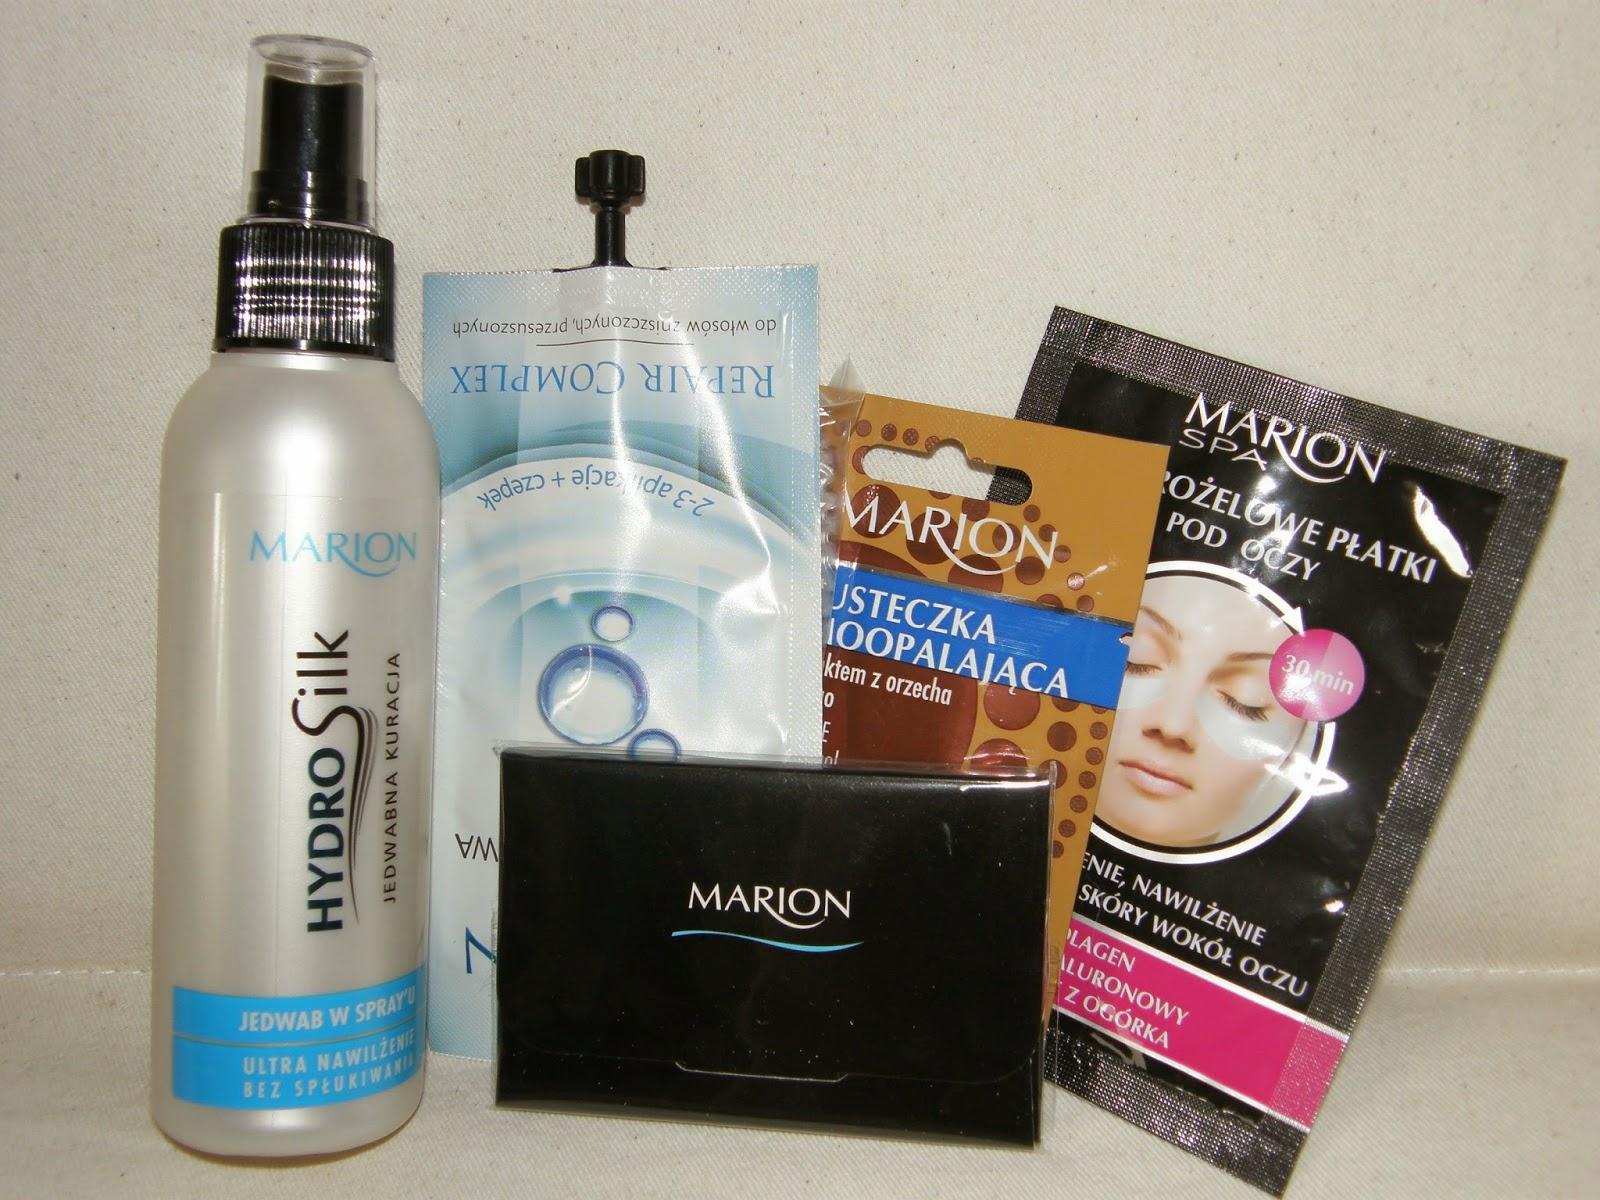 Kosmetyki Marion - prawdziwe DOMOWE SPA